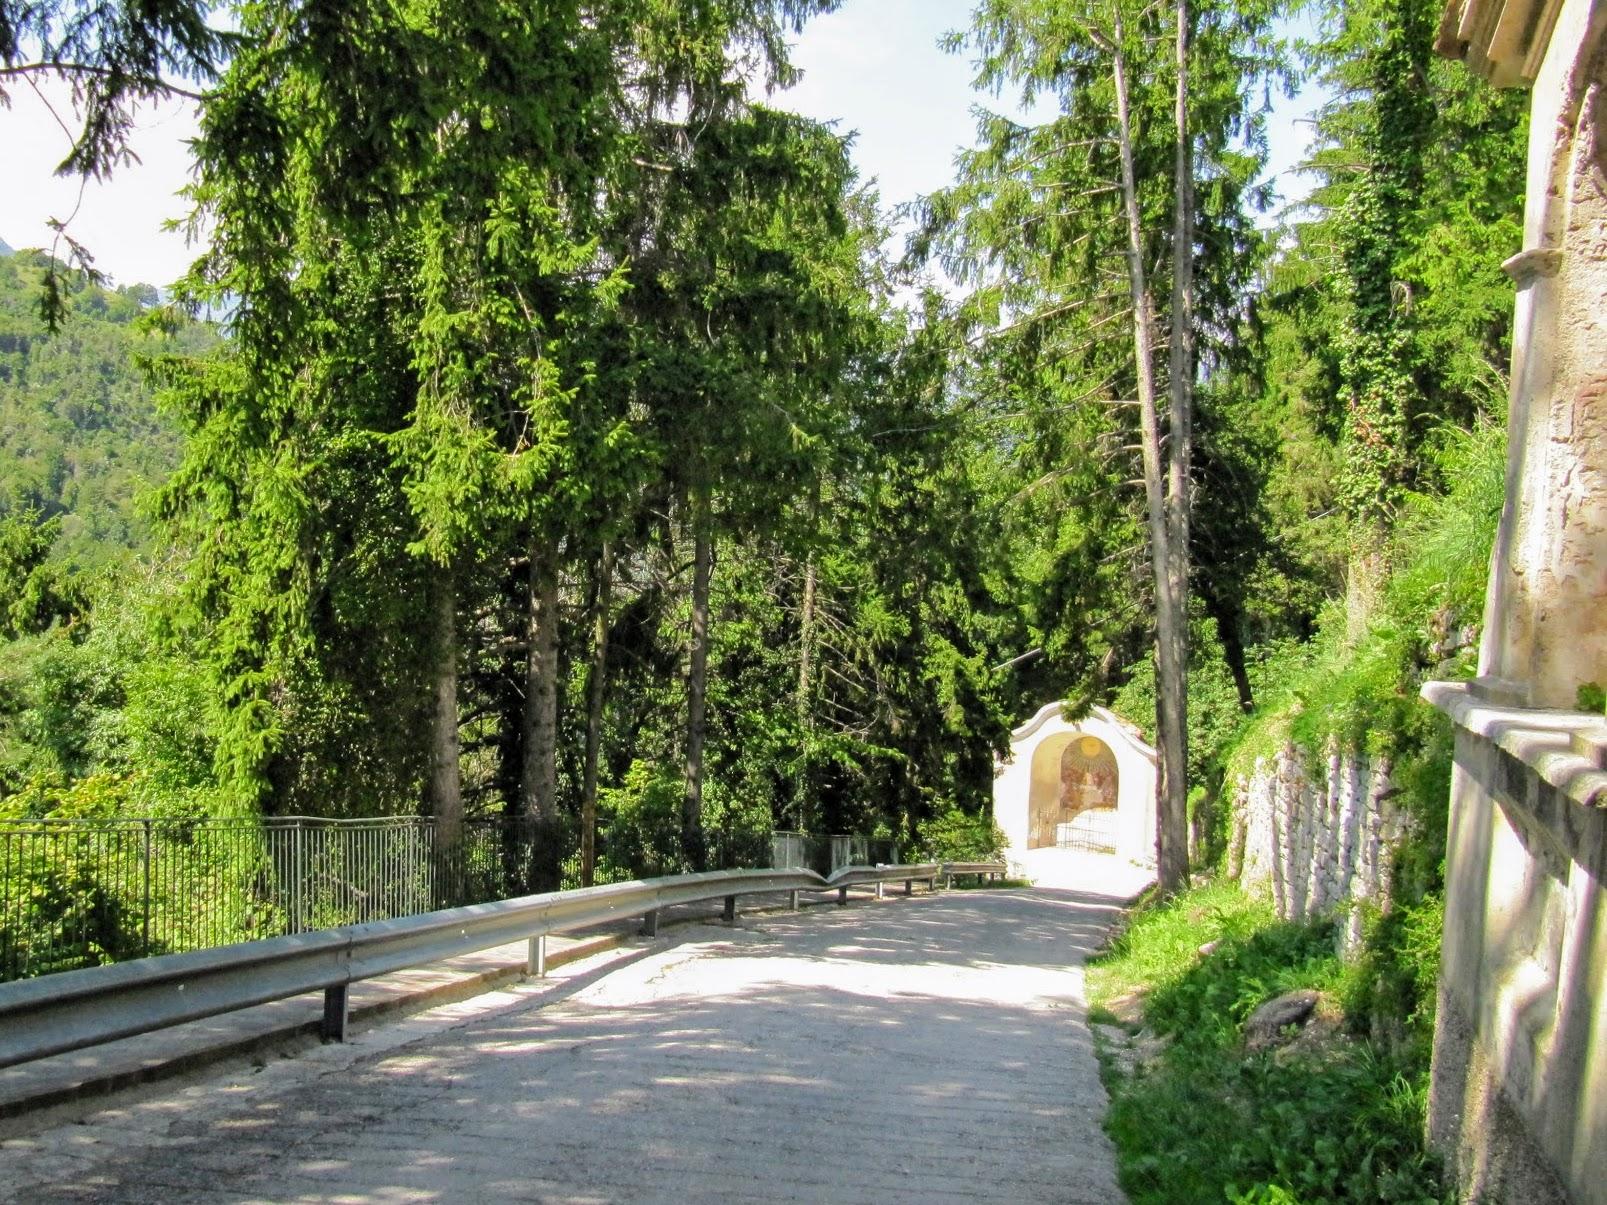 Route naar Santuario di Montecastello in Tignale